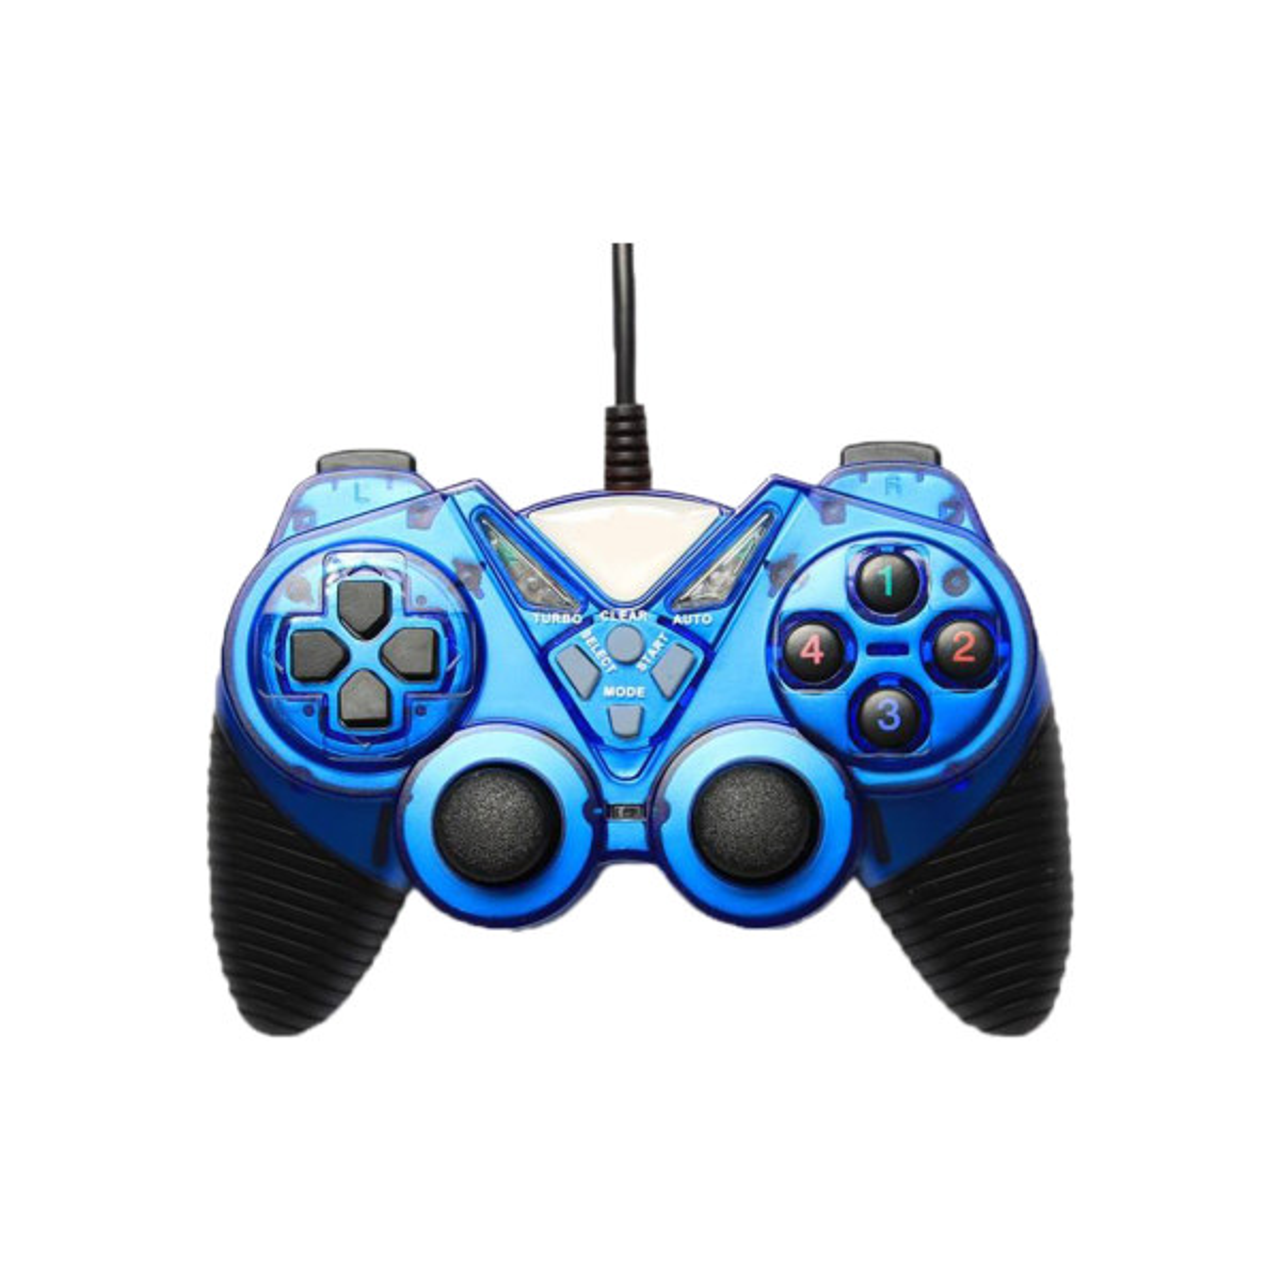 دسته بازی مدل Promax-MX-205